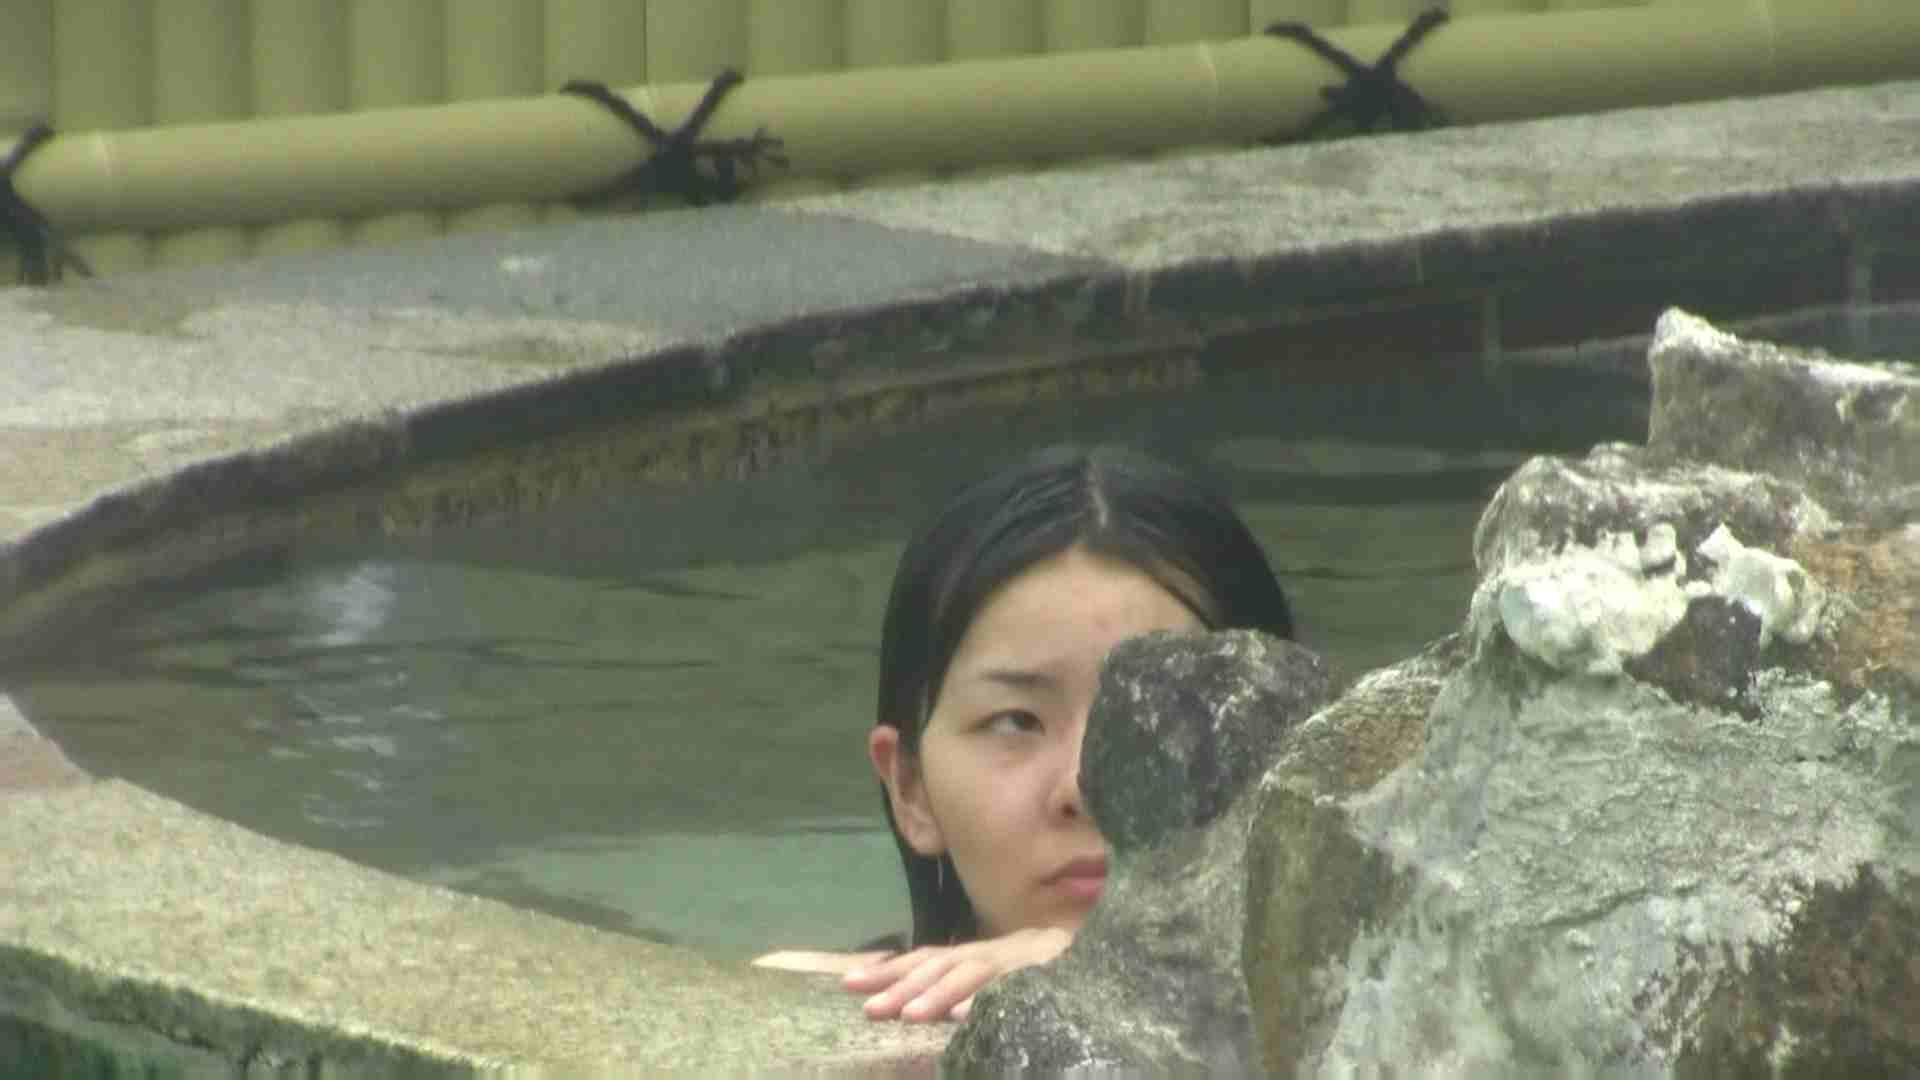 高画質露天女風呂観察 vol.040 乙女のエロ動画 濡れ場動画紹介 94PIX 34